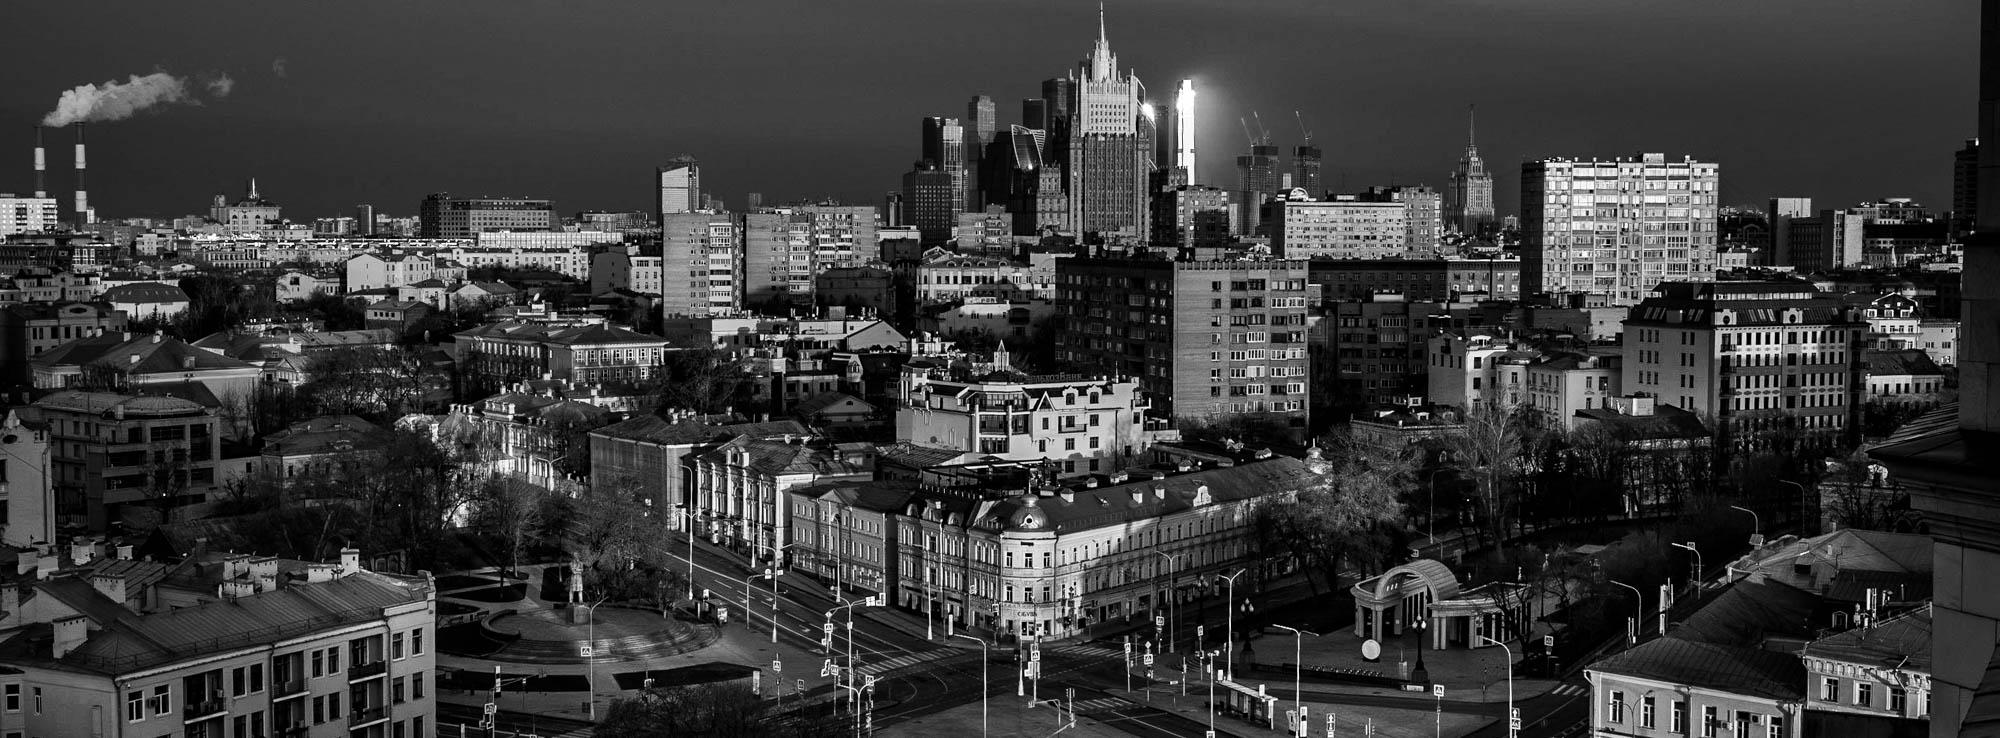 Вид на Кропоткинскую площадь, МИД и Москва Сити